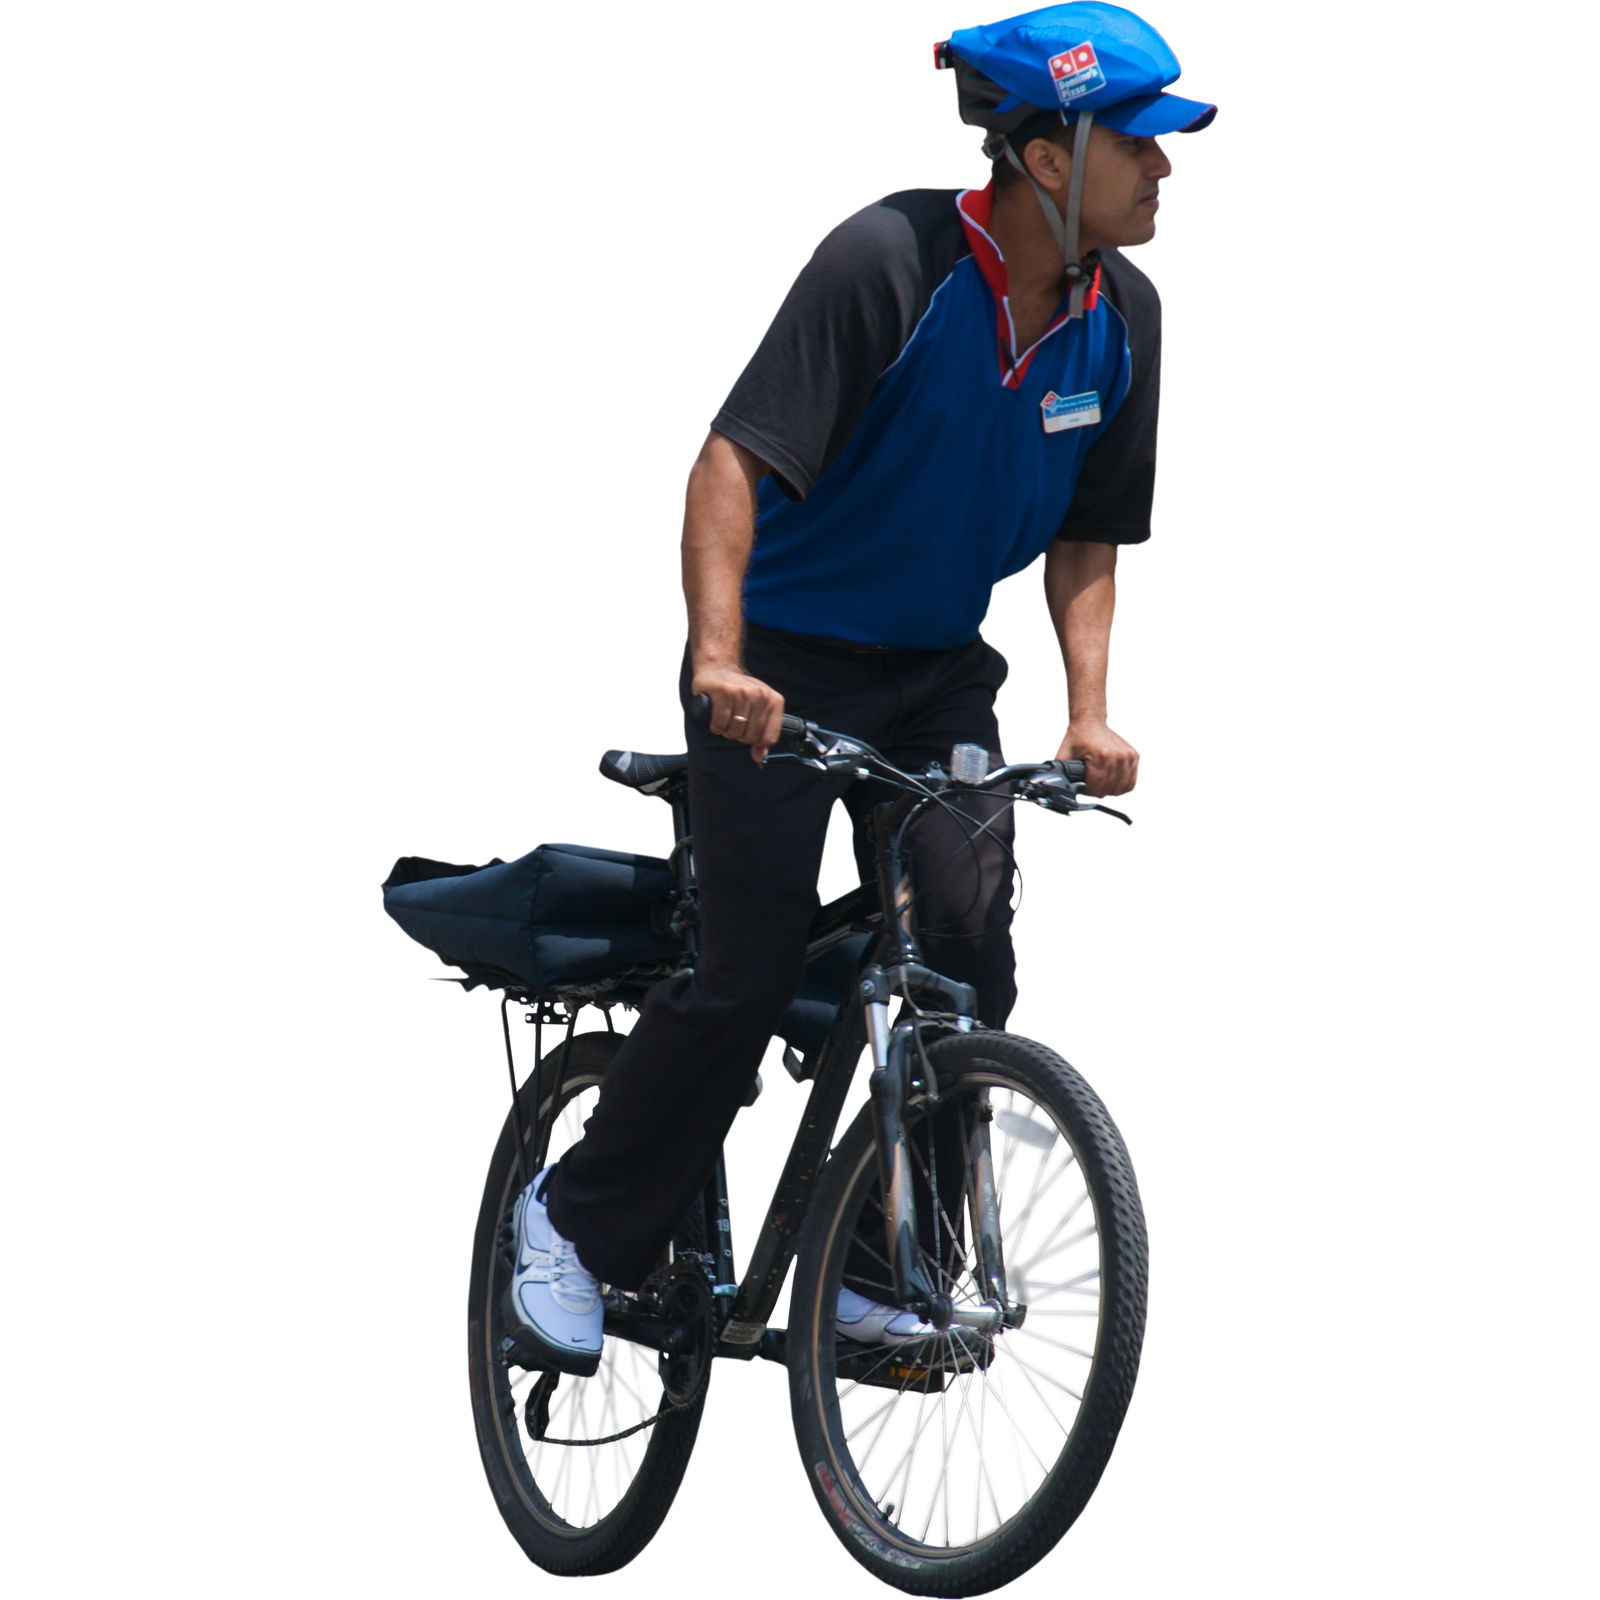 Bike Ride PNG Transparent Image SVG Clip arts